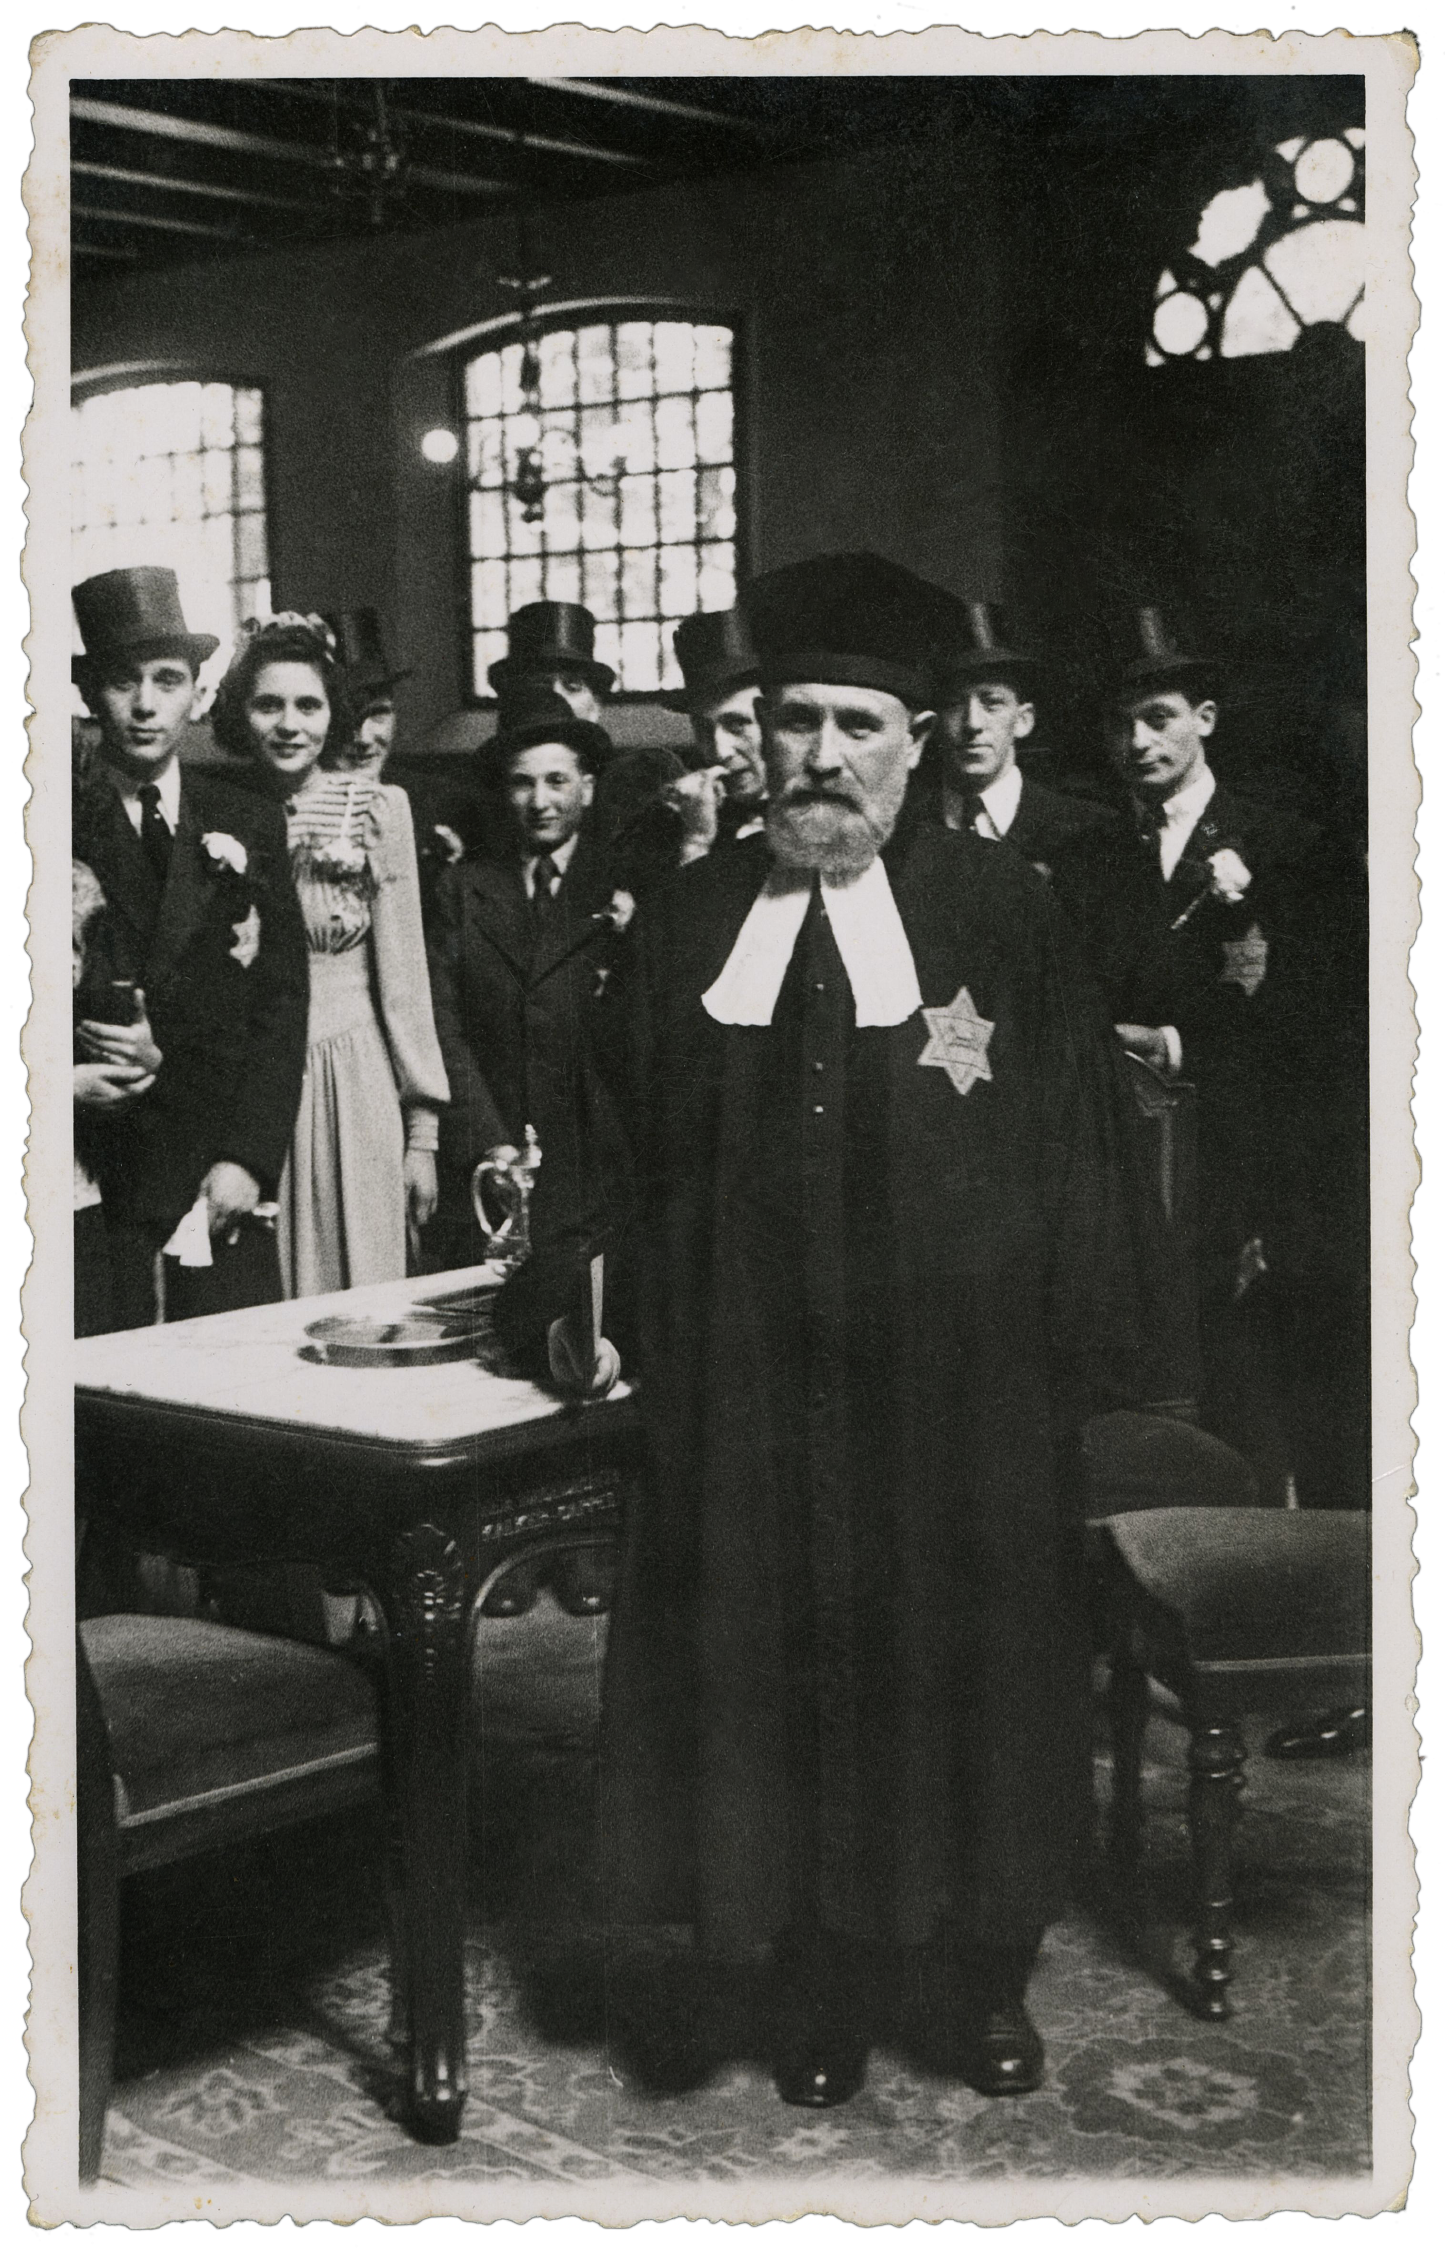 Collectie Joods Historisch Museum, 29 juli 1942